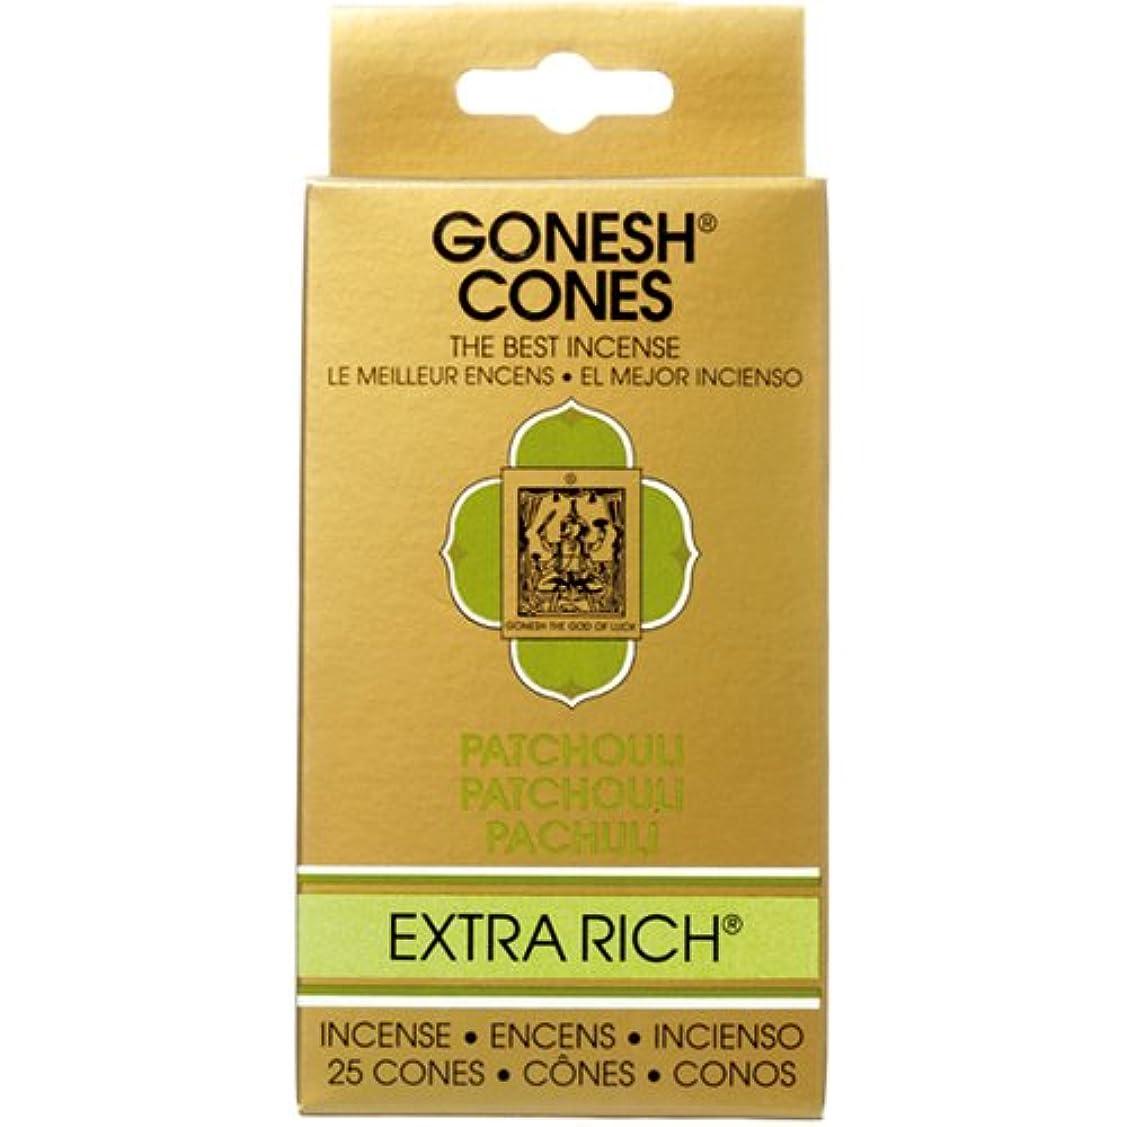 規制争う公爵ガーネッシュ(GONESH) エクストラリッチ インセンス コーン パチュリ 25個入(お香)